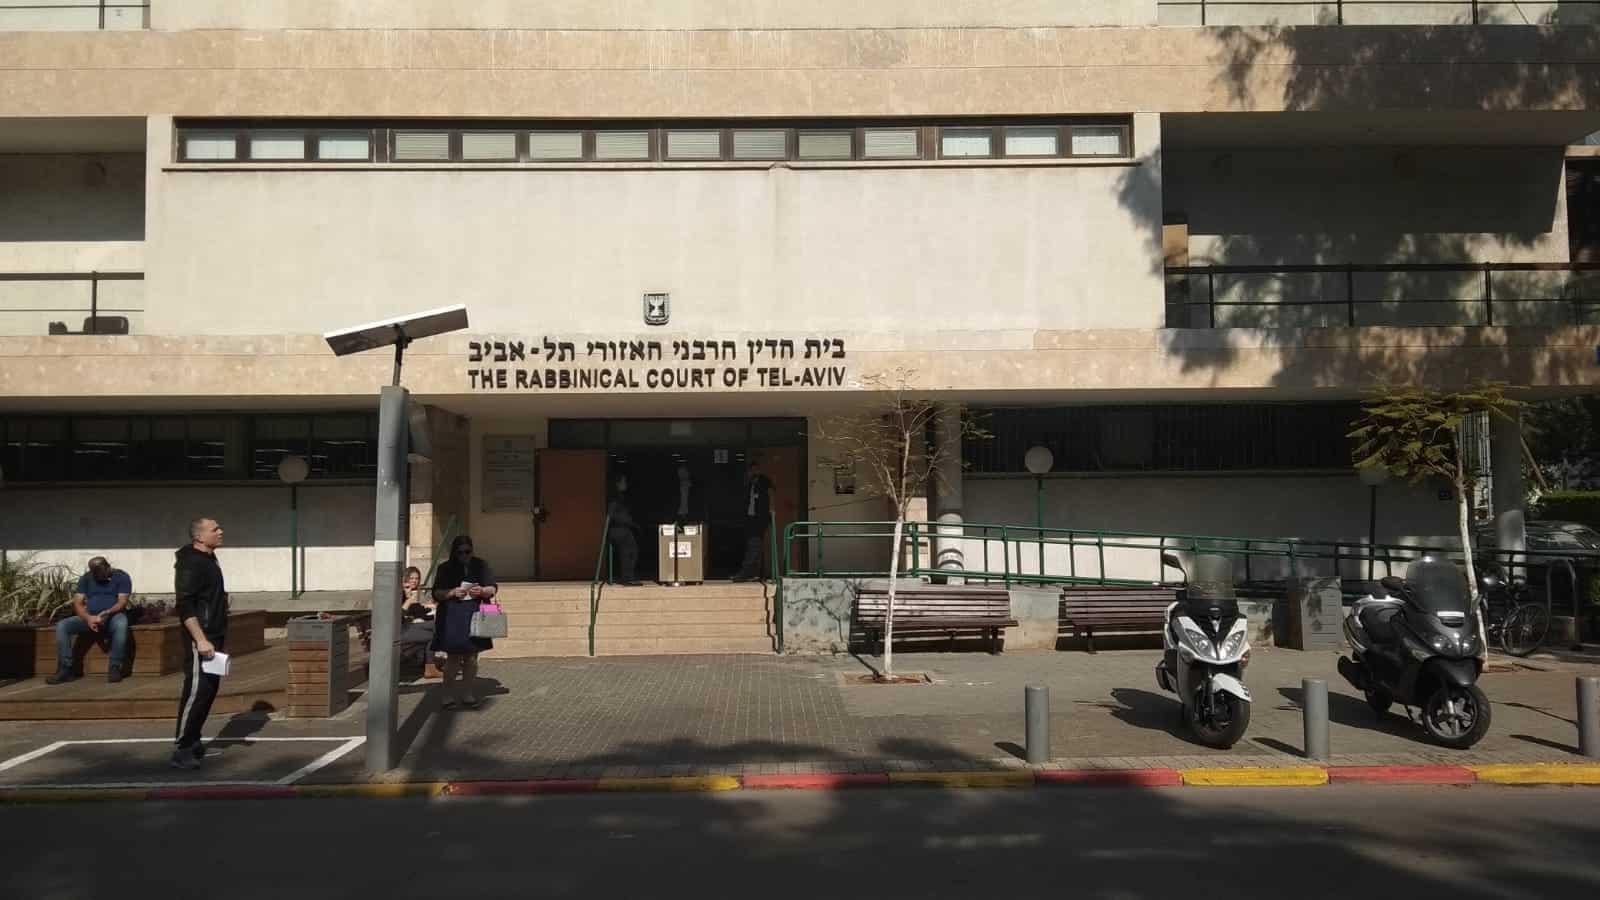 הרבנות בתל אביב. צילום רג ניוז